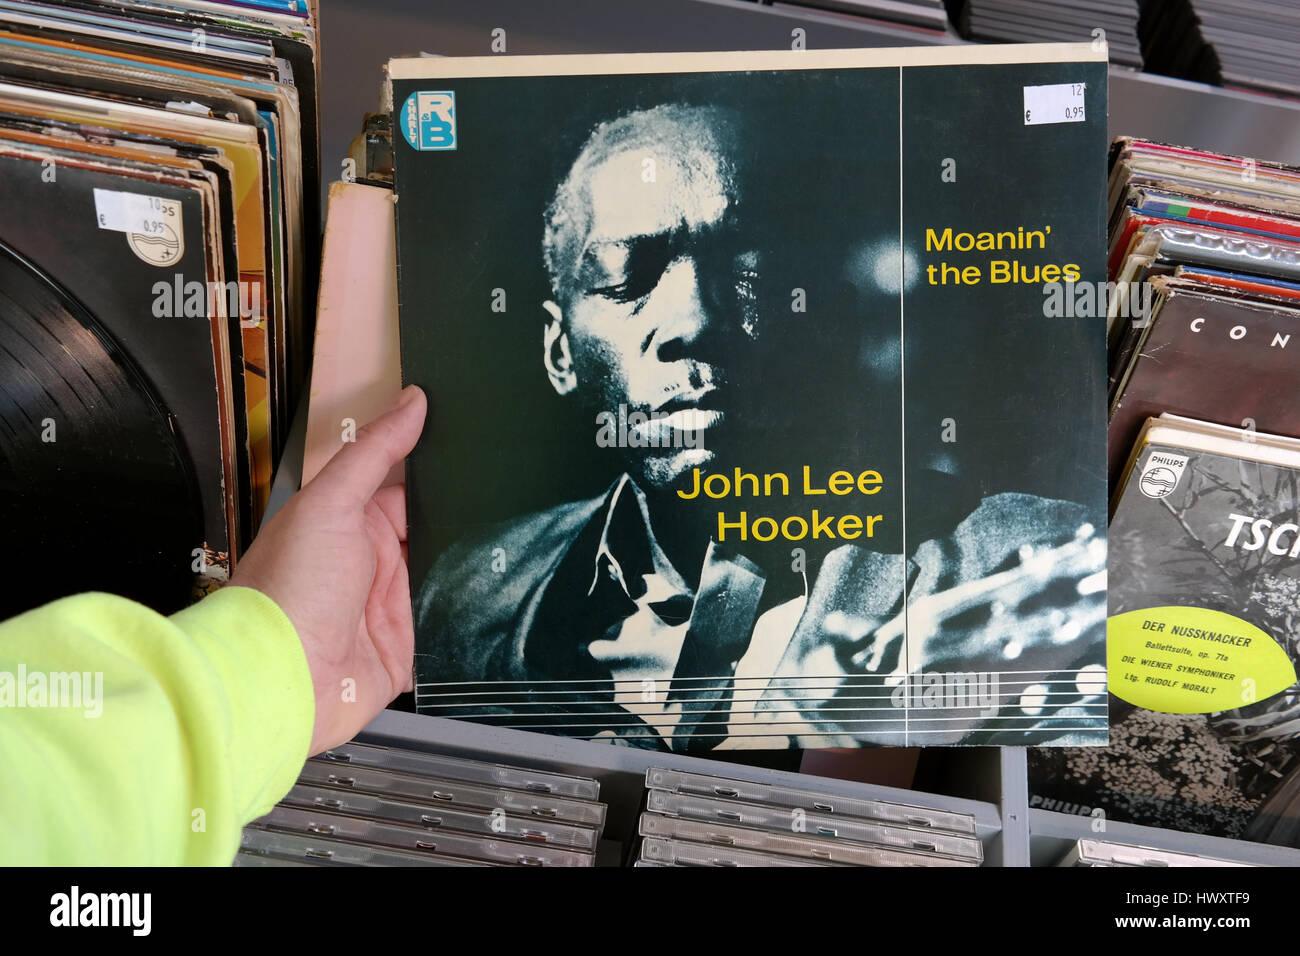 Álbum: John Lee Hooker - Moanin' Blues Imagen De Stock